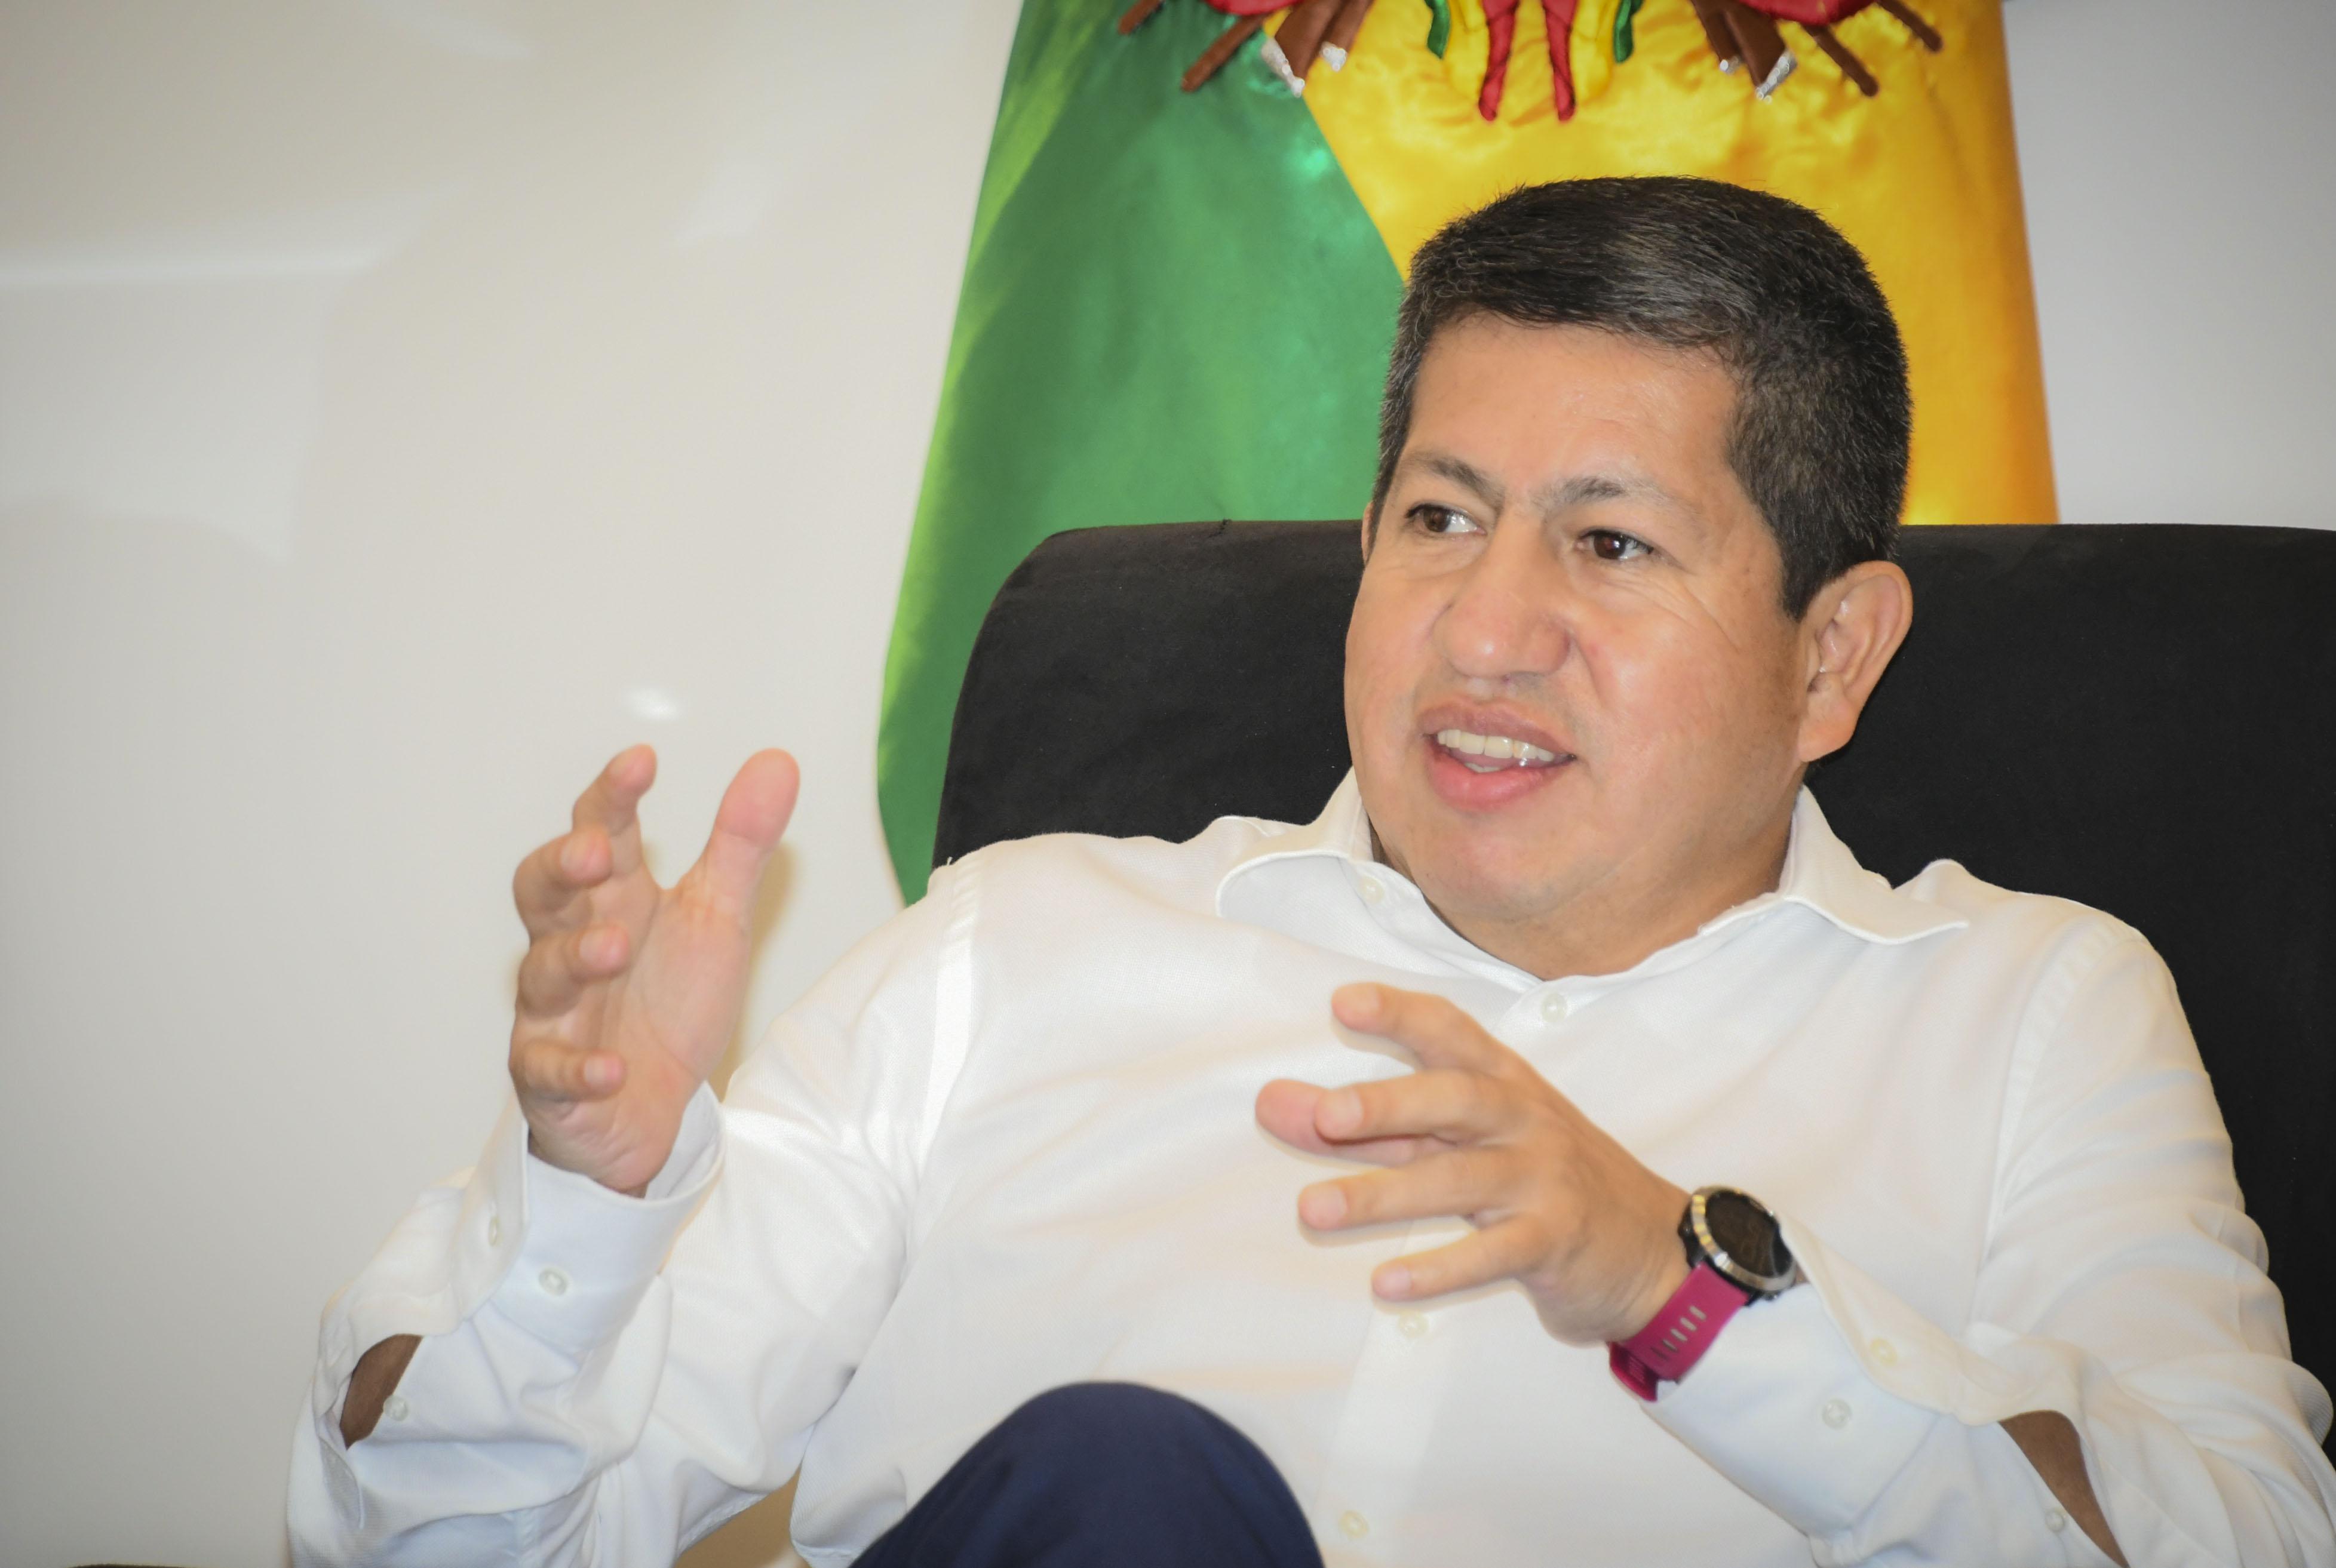 Se crea YPFB Energía do Brasil Ltda. y ya cuenta con autorización para operar en Brasil